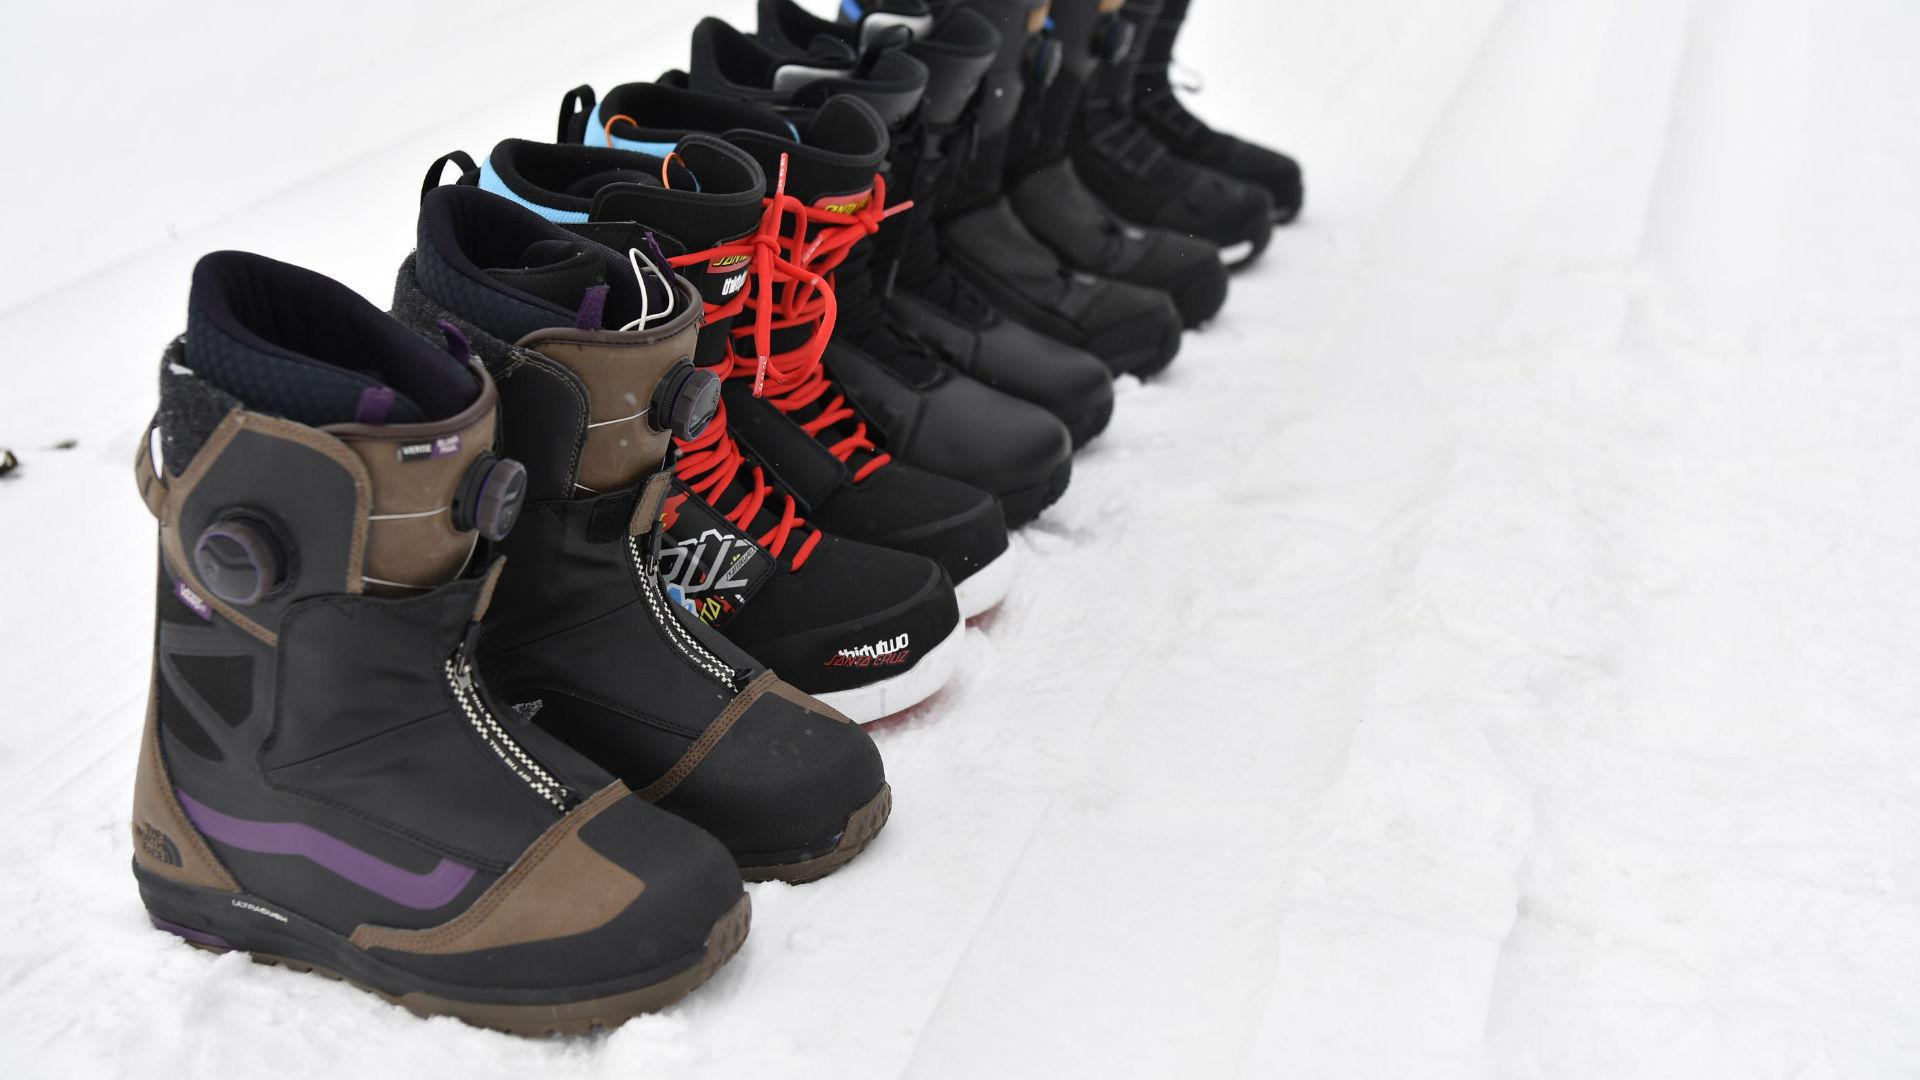 Eine Reihe Snowboard Boots von Vans, ThirtyTwo, adidas Snowboarding, DC und Burton